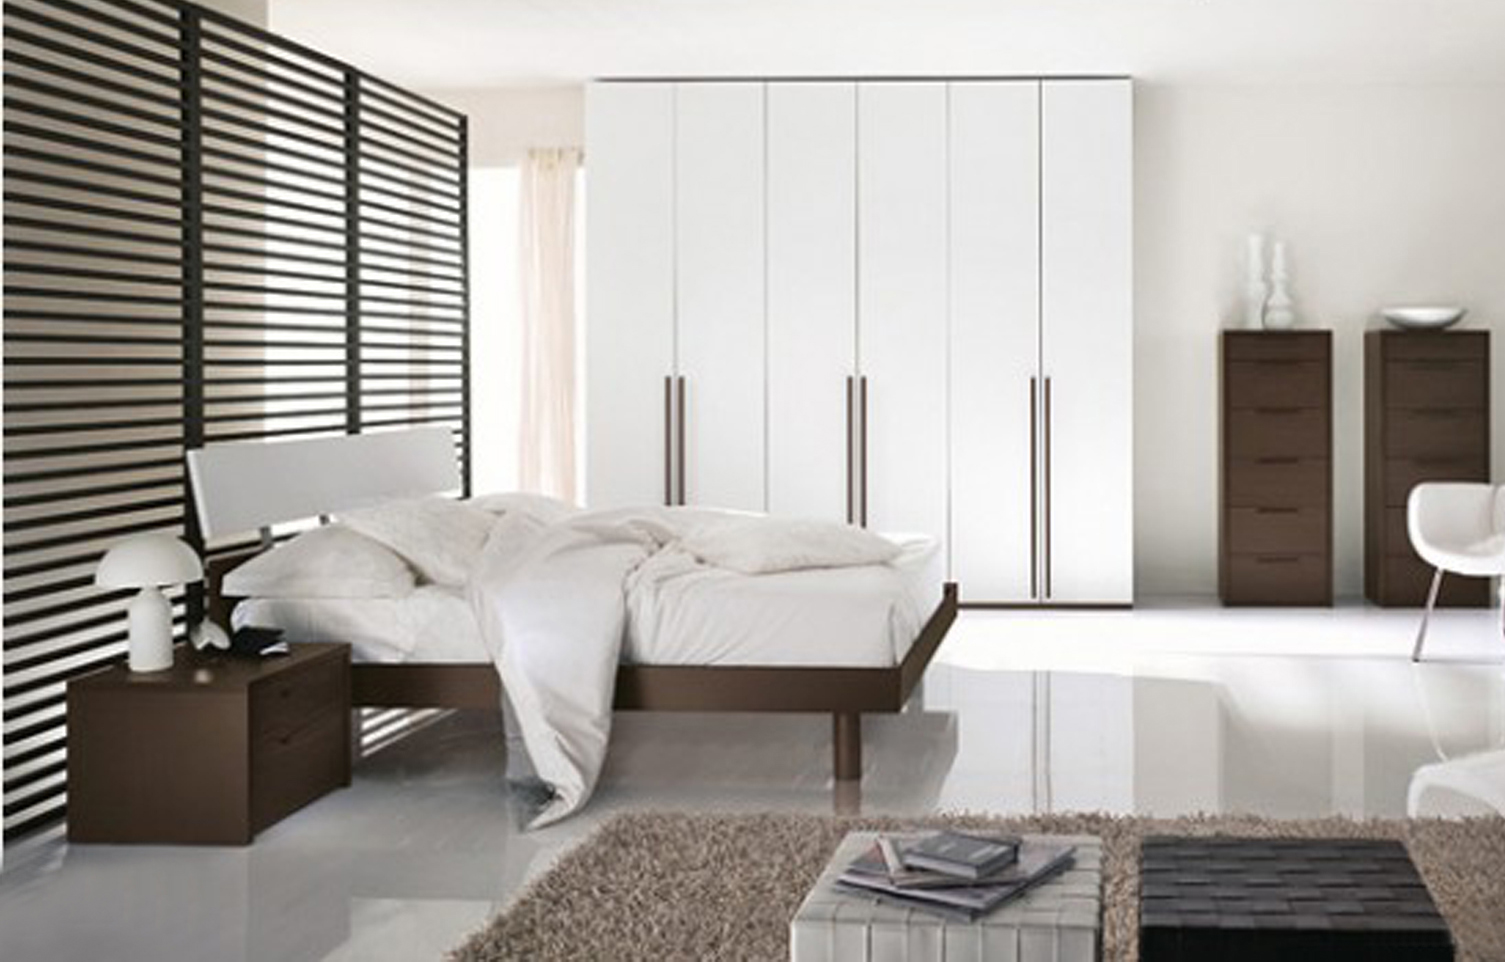 smukke-værelses-designs-billige-med-billede-af-smukke-værelses-stil-frisk-at-ideer